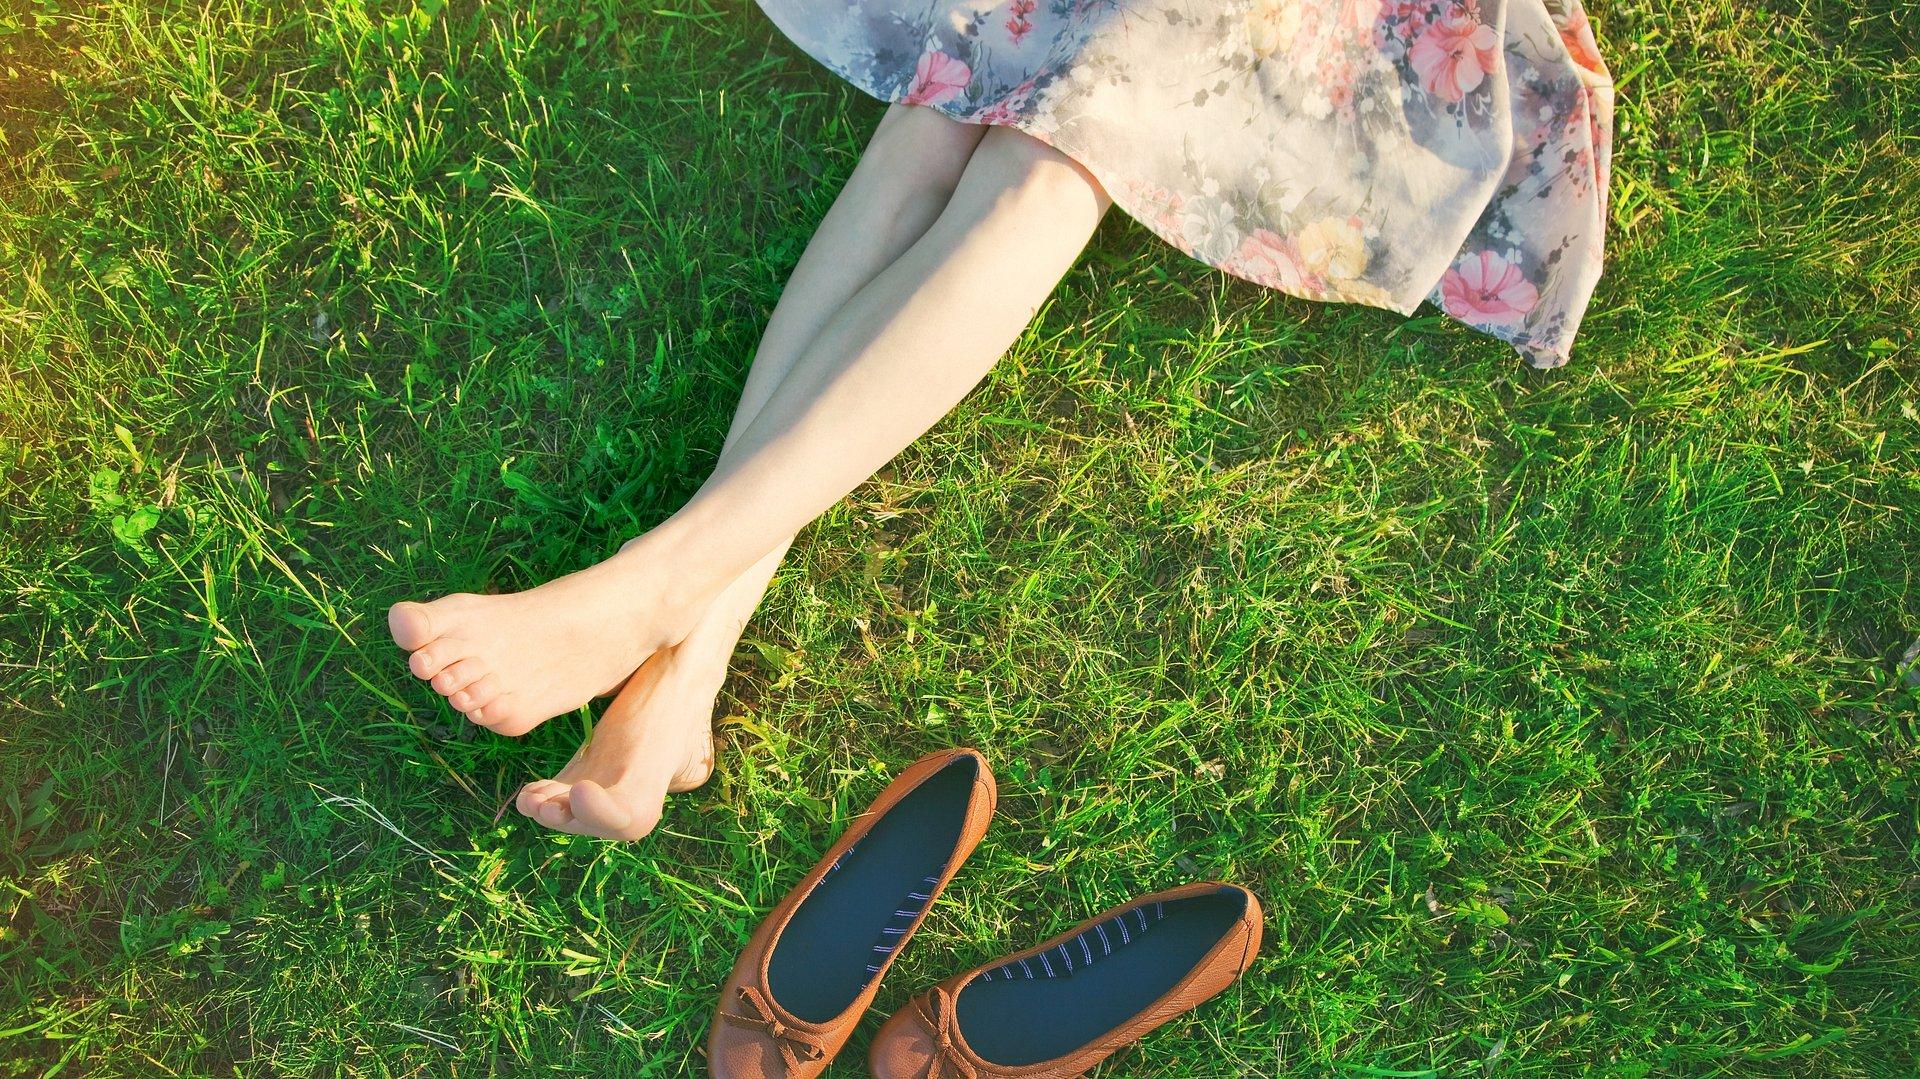 Pokaż nogi na wiosnę